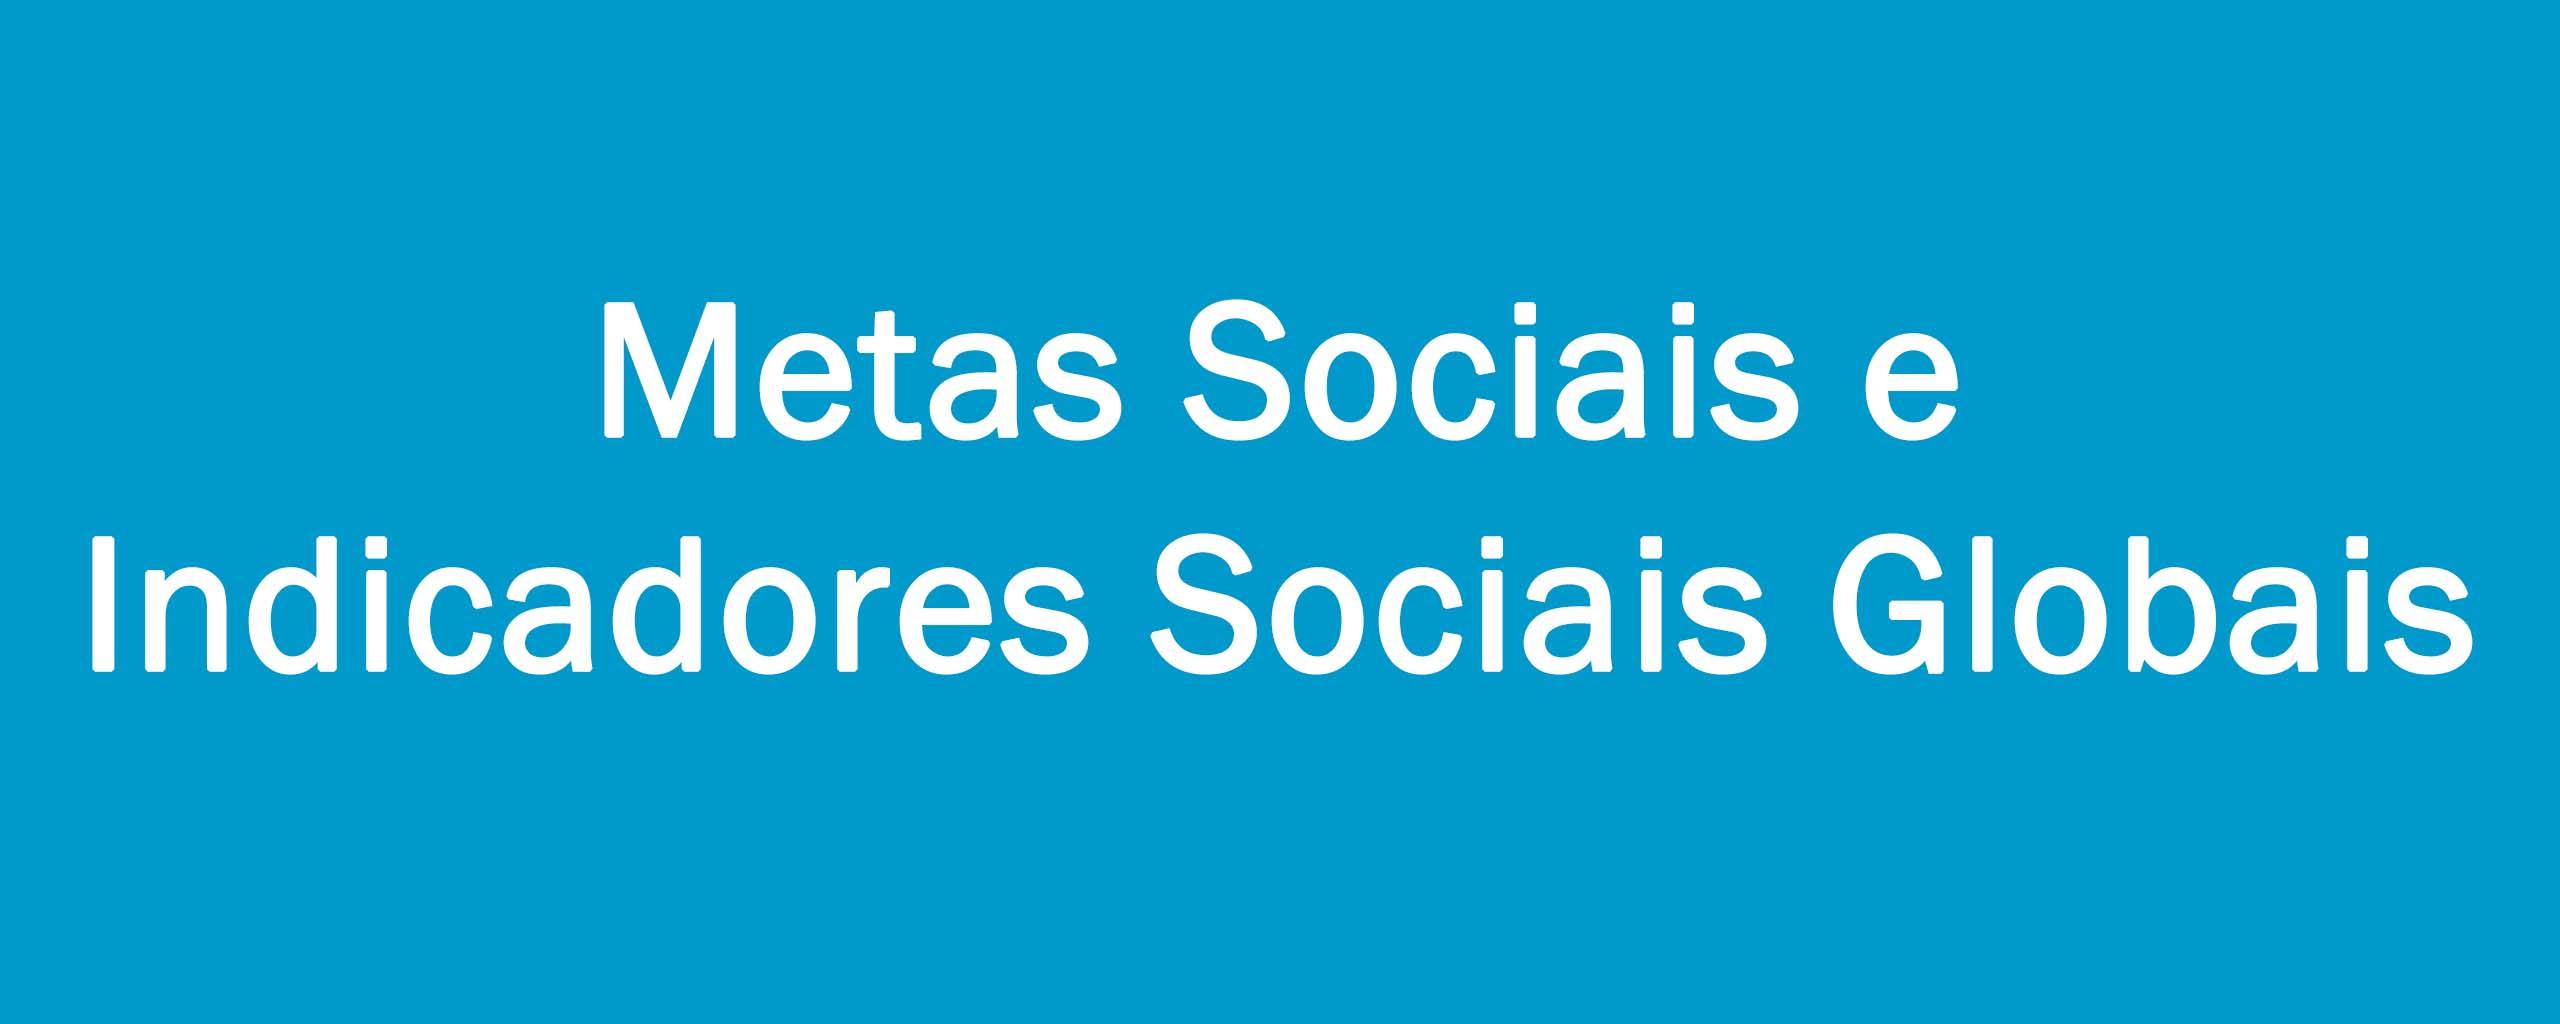 Metas Sociais e Indicadores Sociais Globais